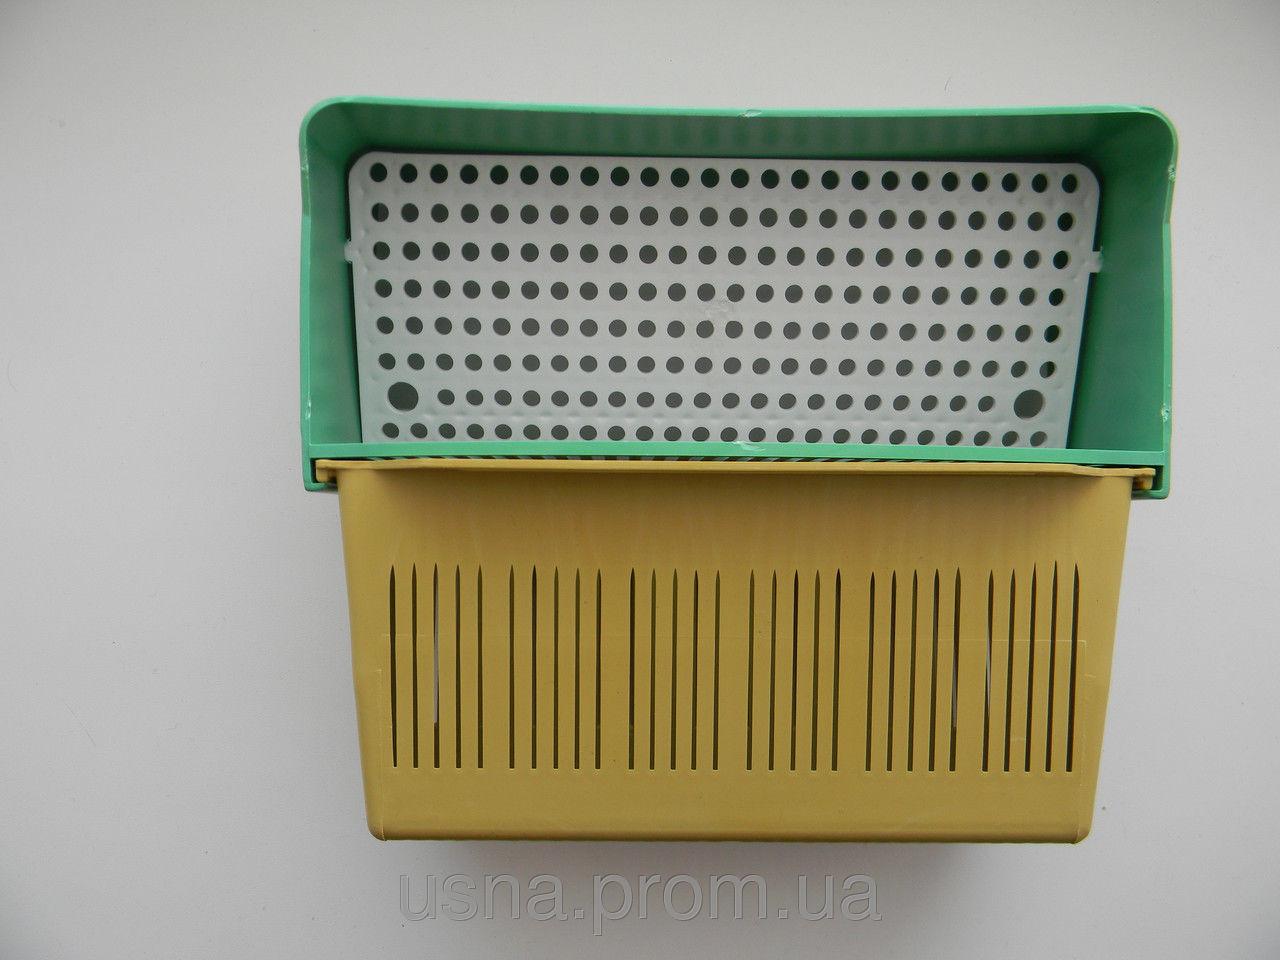 Пыльцесборник малый 210 мм